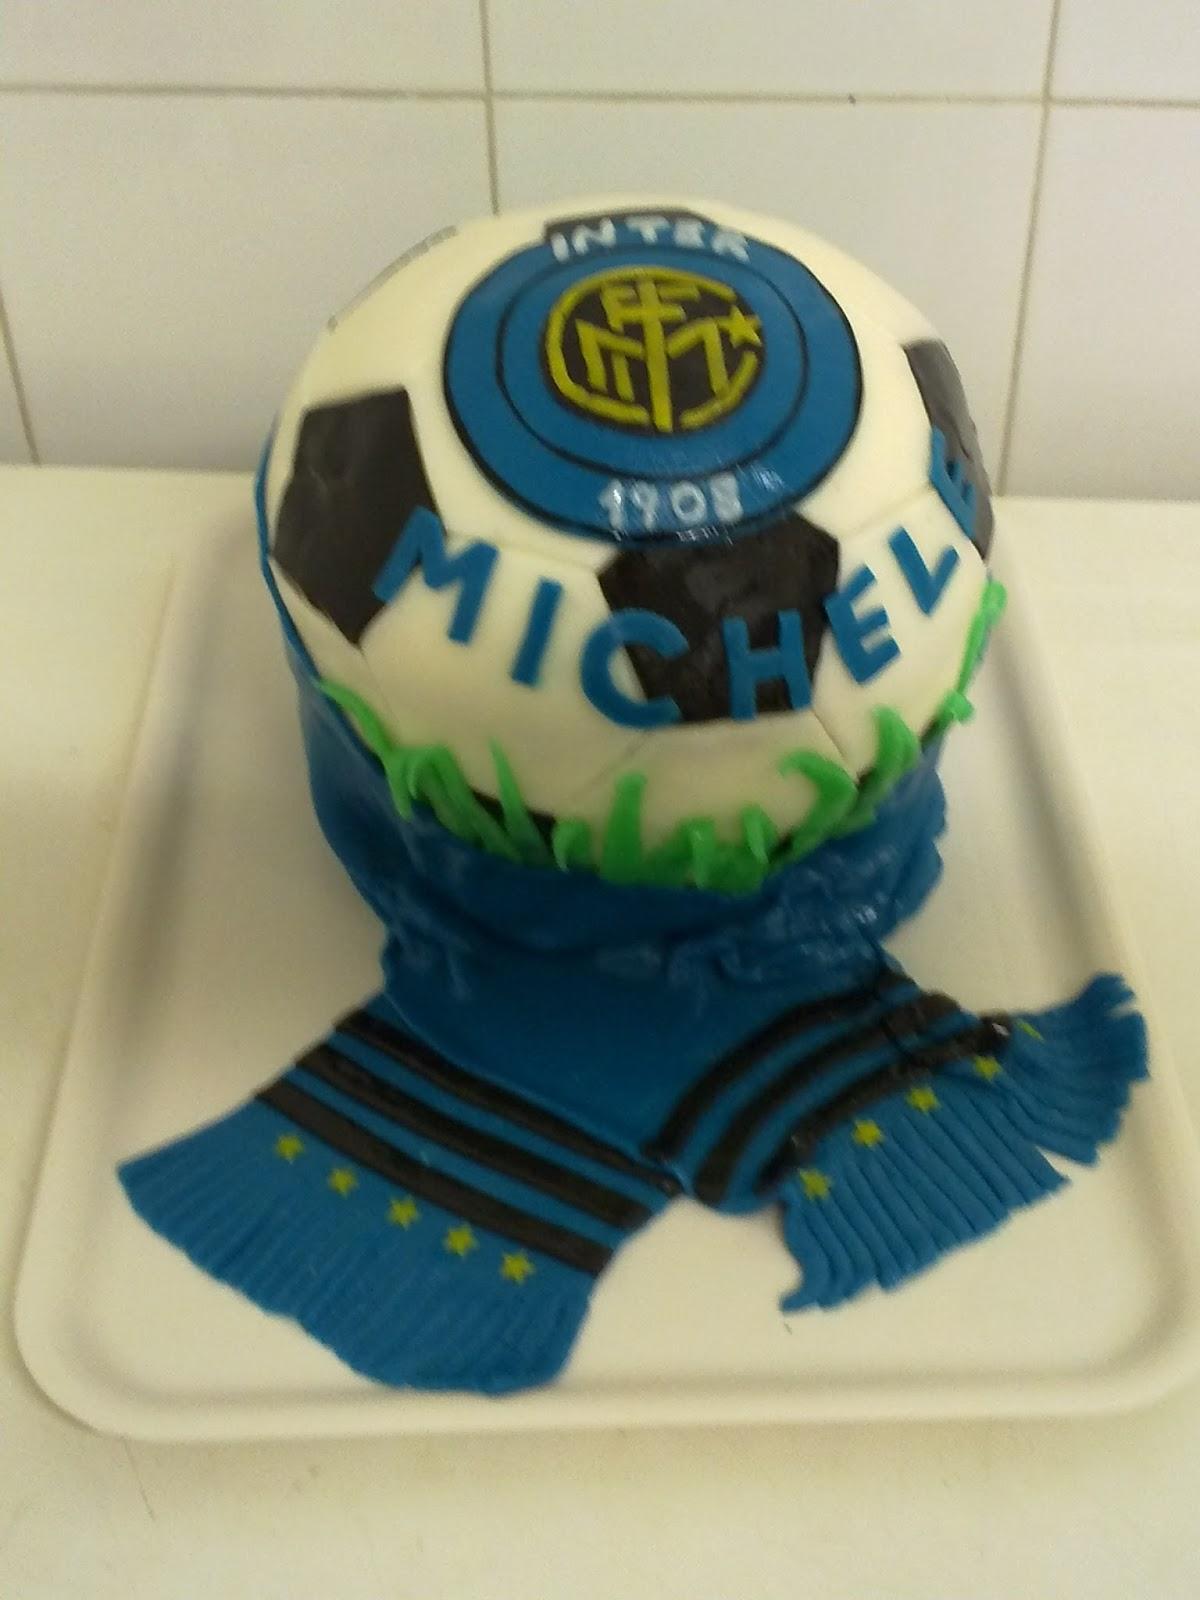 Torte A Tema A Latina Torta A Forma Di Pallone Da Calcio